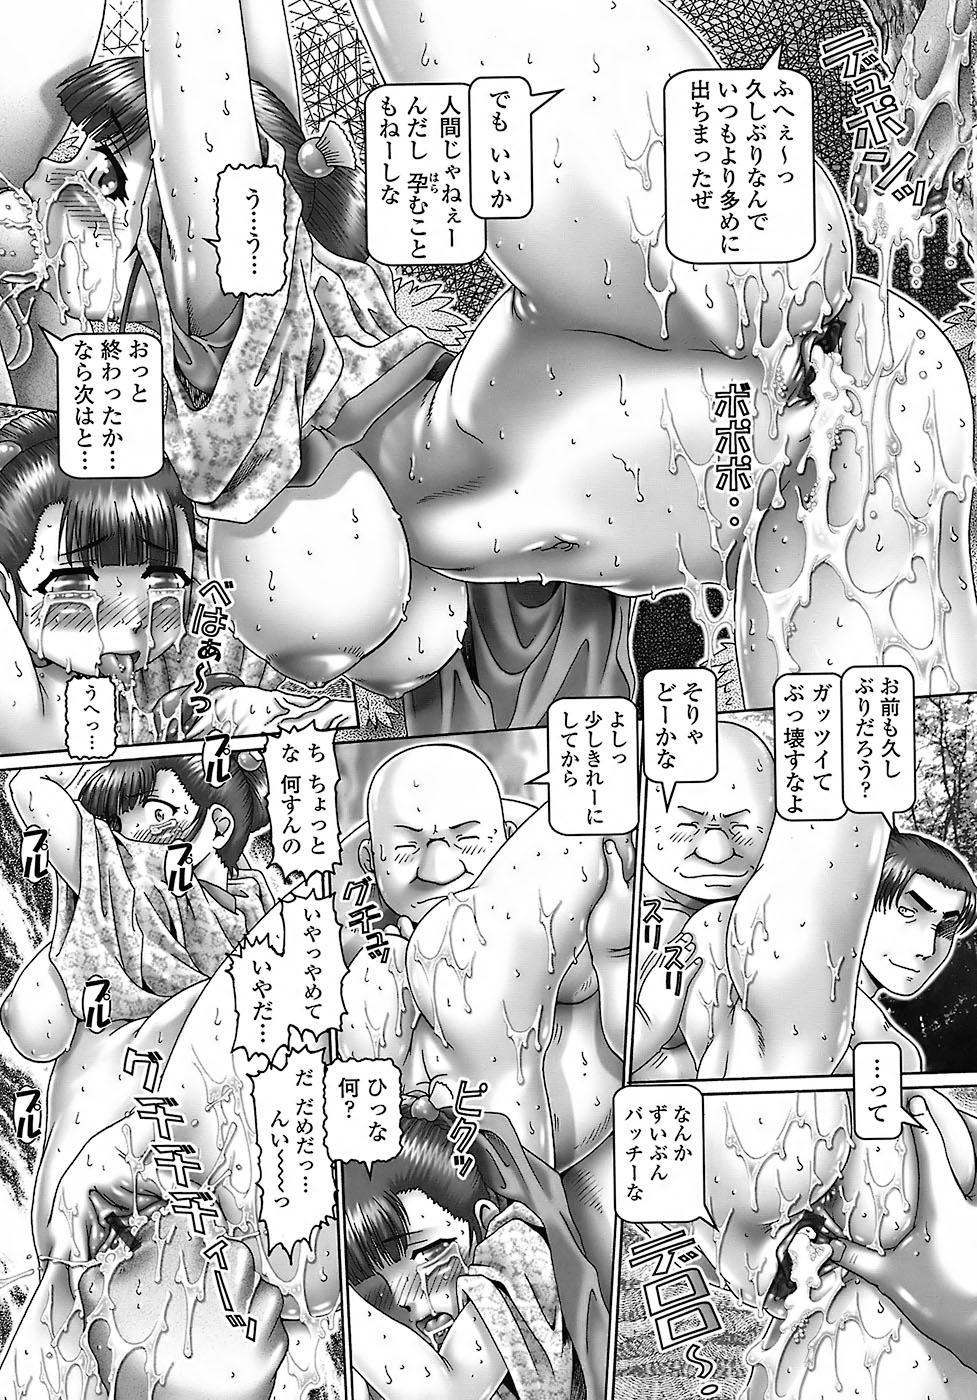 Tenshi no Shizuku 159